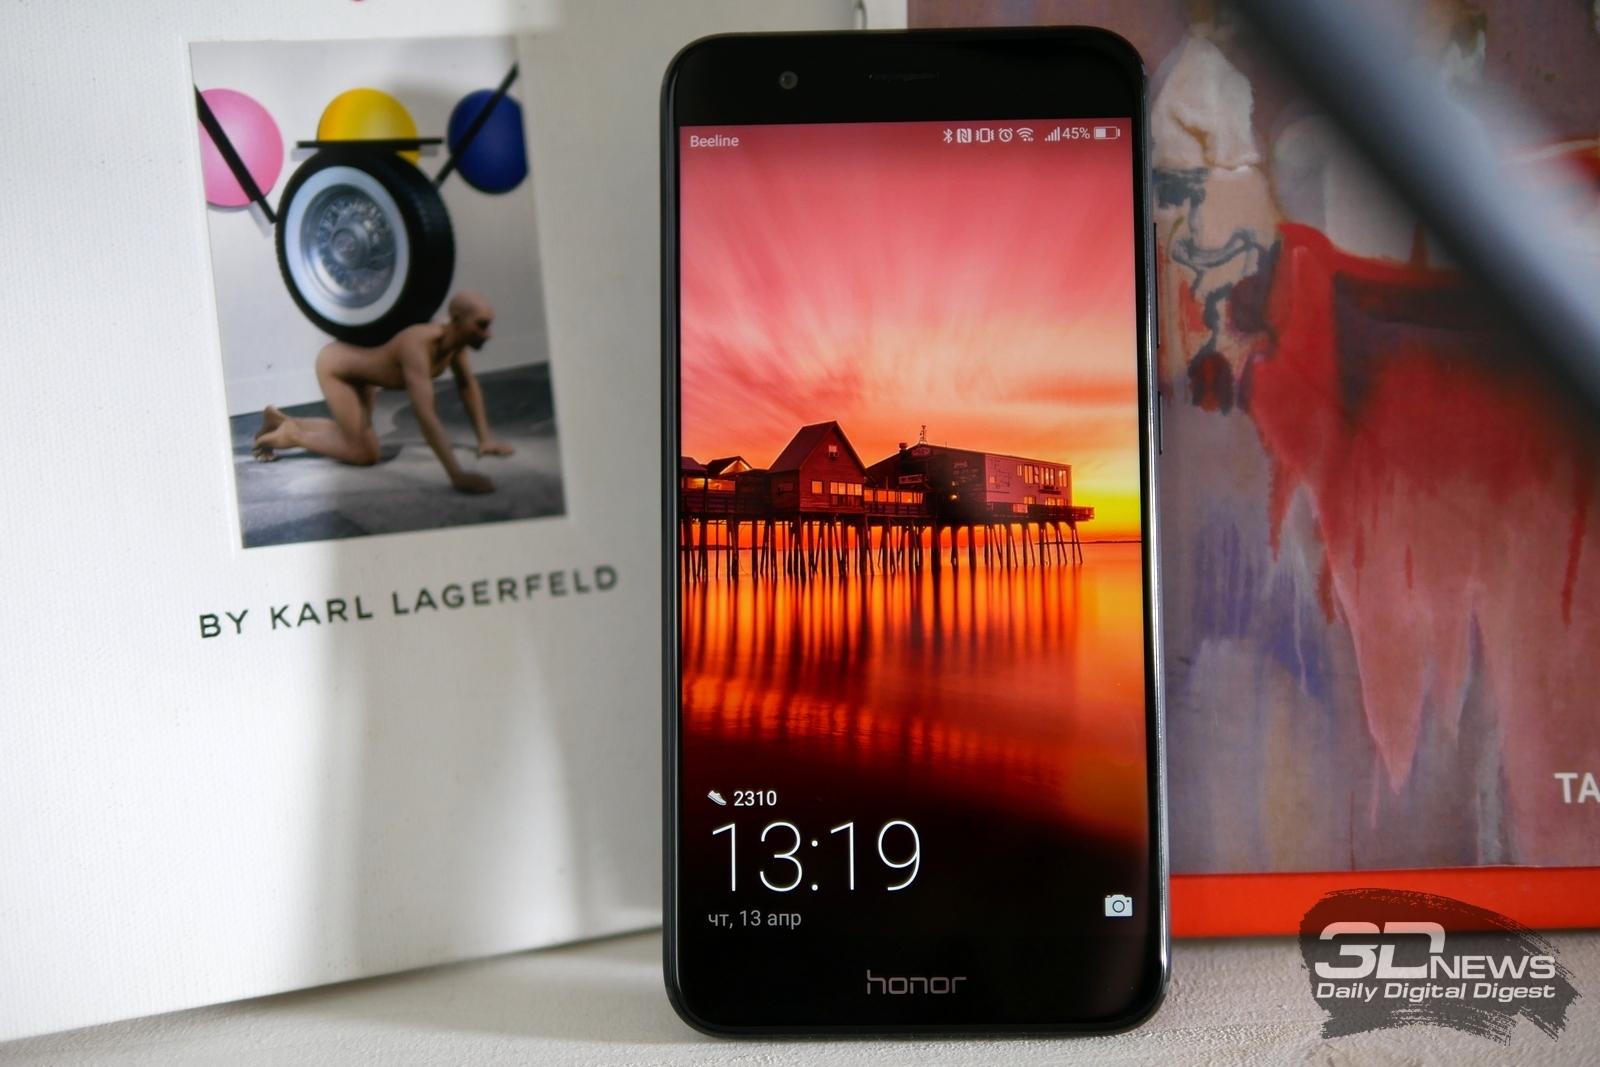 Новая статья: Обзор смартфона Honor 8 Pro: я хочу еще немного больше